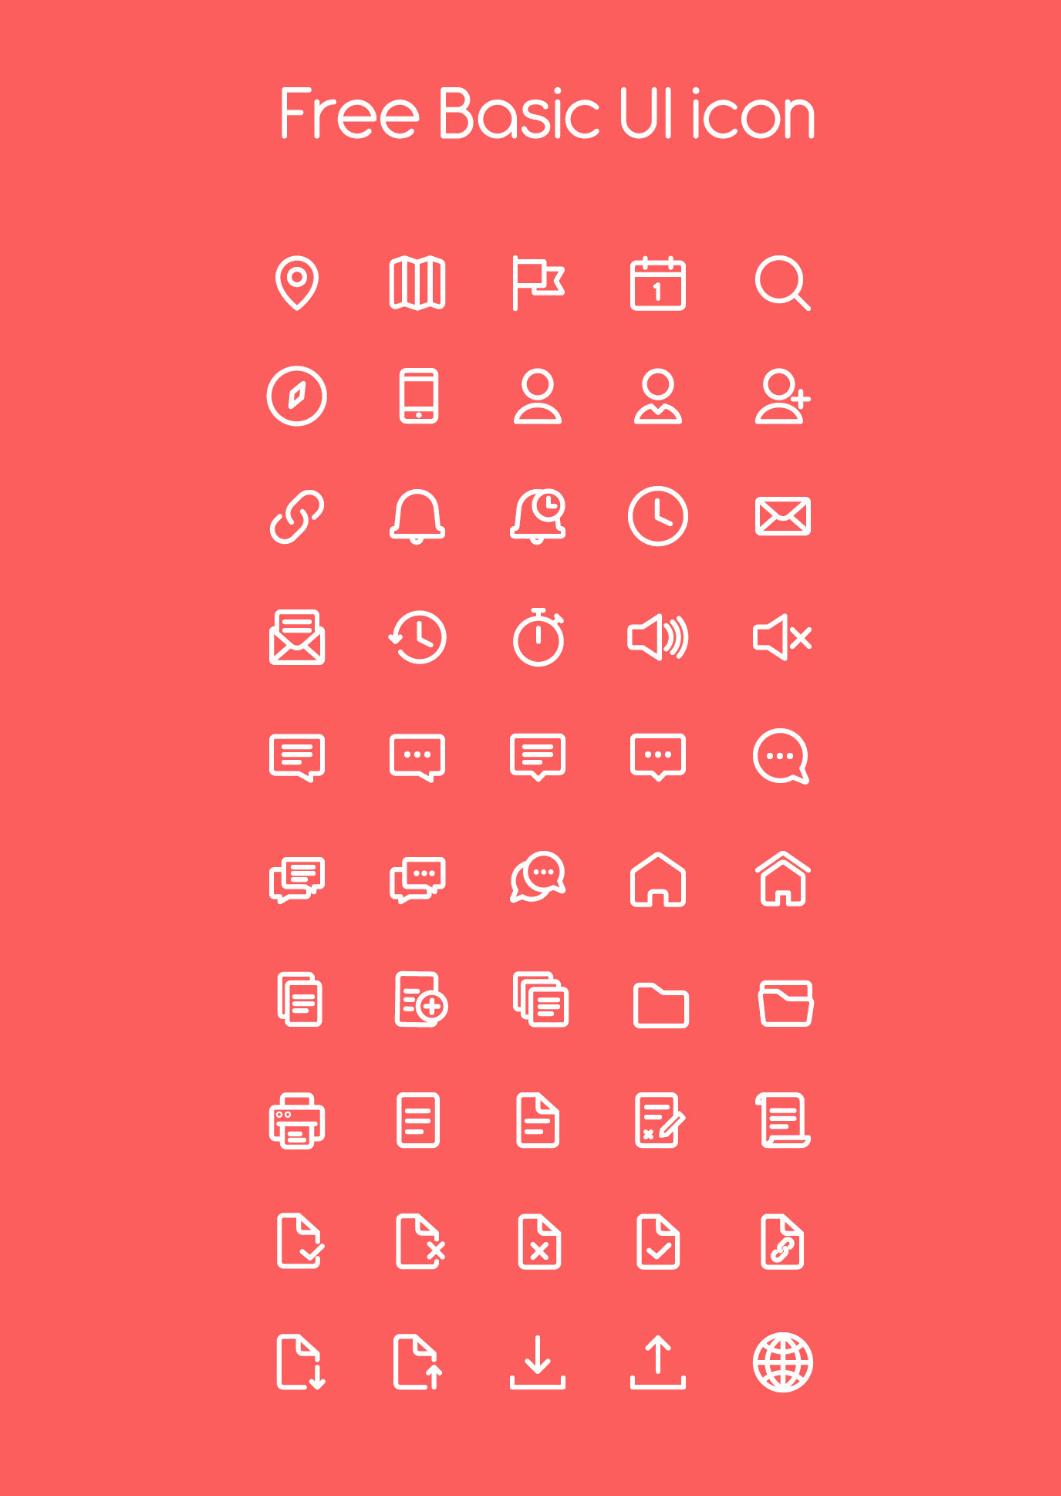 Free basic UI icons